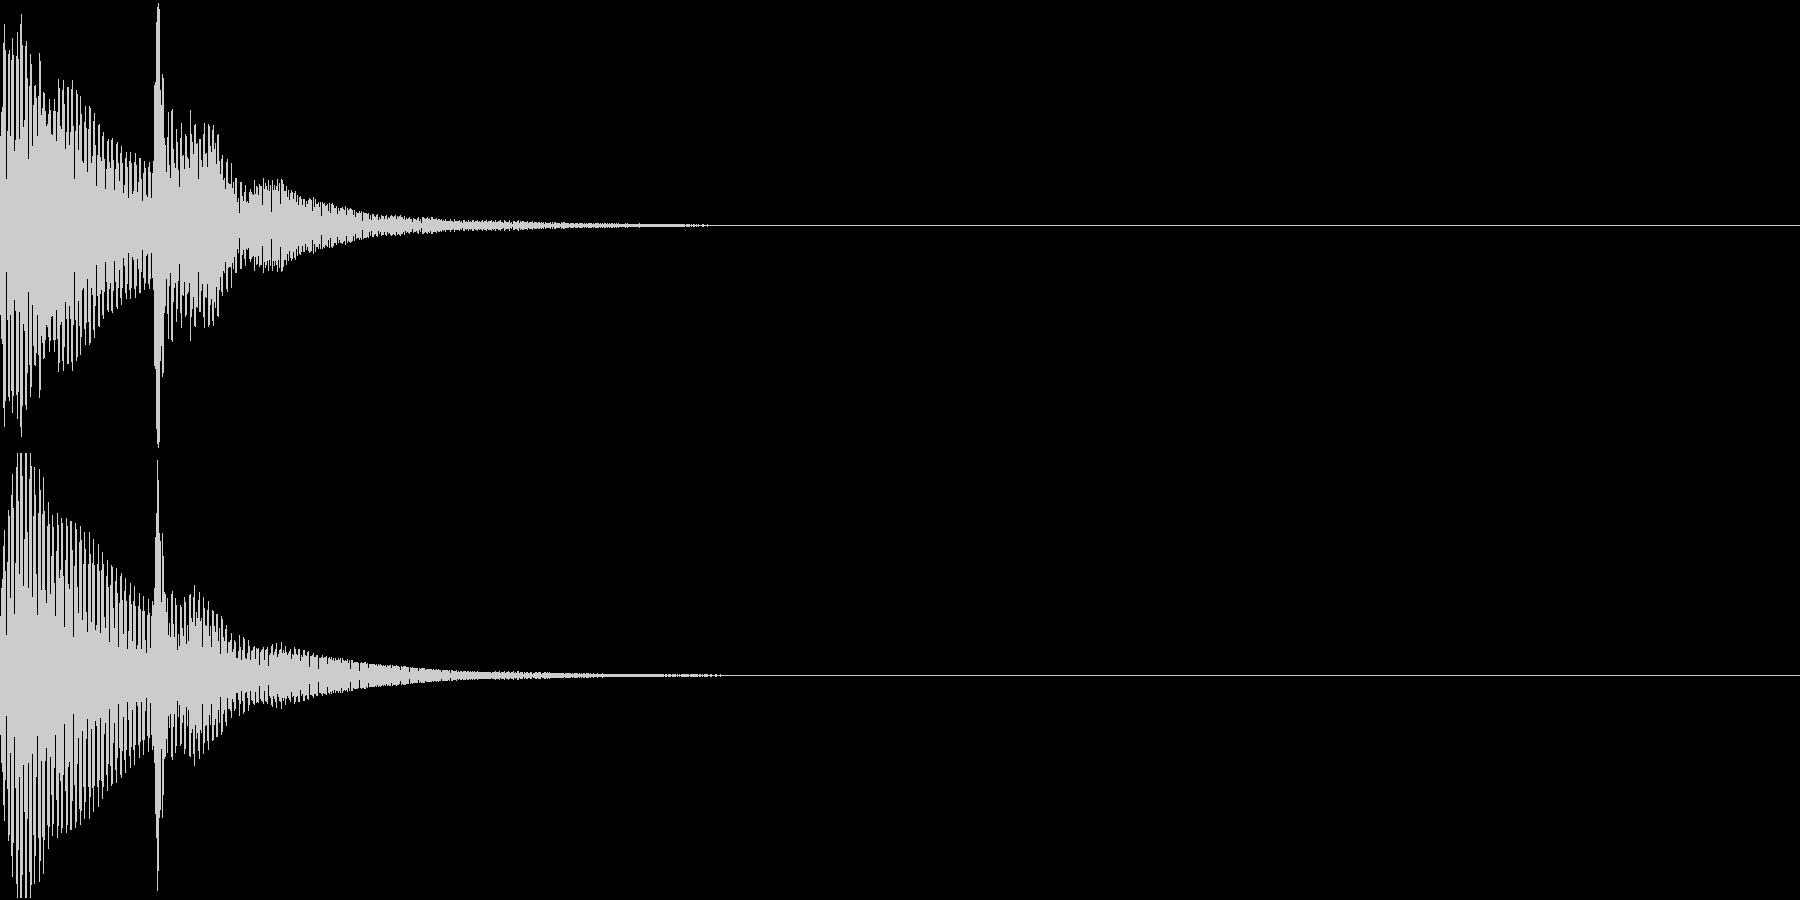 決定音03(ポコンッ)の未再生の波形